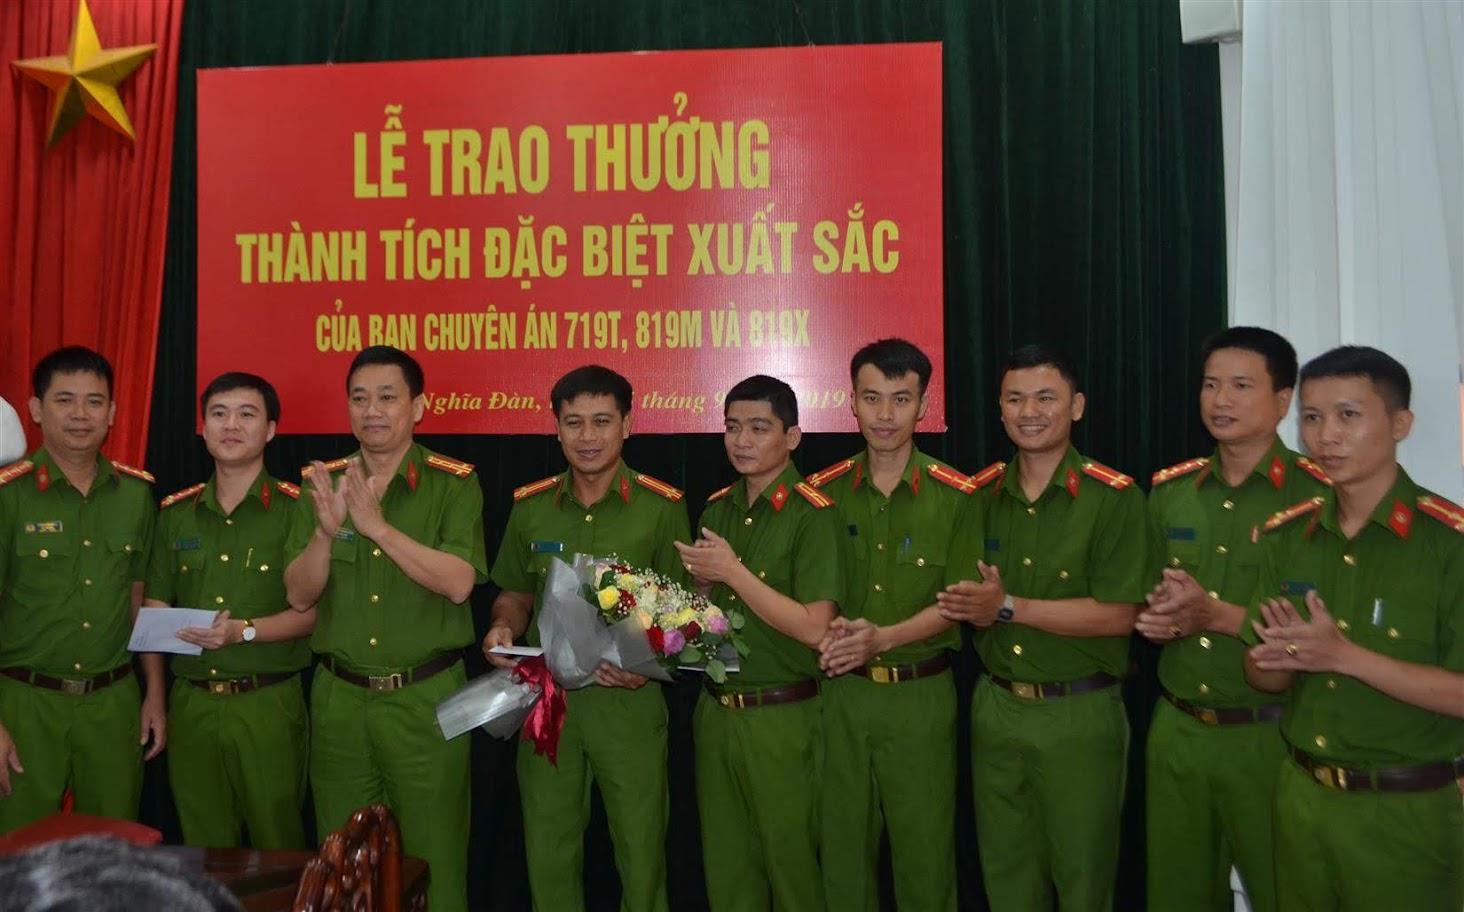 Đồng chí Đại tá Nguyễn Mạnh Hùng, Phó Giám đốc Công an tỉnh, Thủ trưởng Cơ quan CSĐT trao thưởng cho Công an huyện Nghĩa Đàn